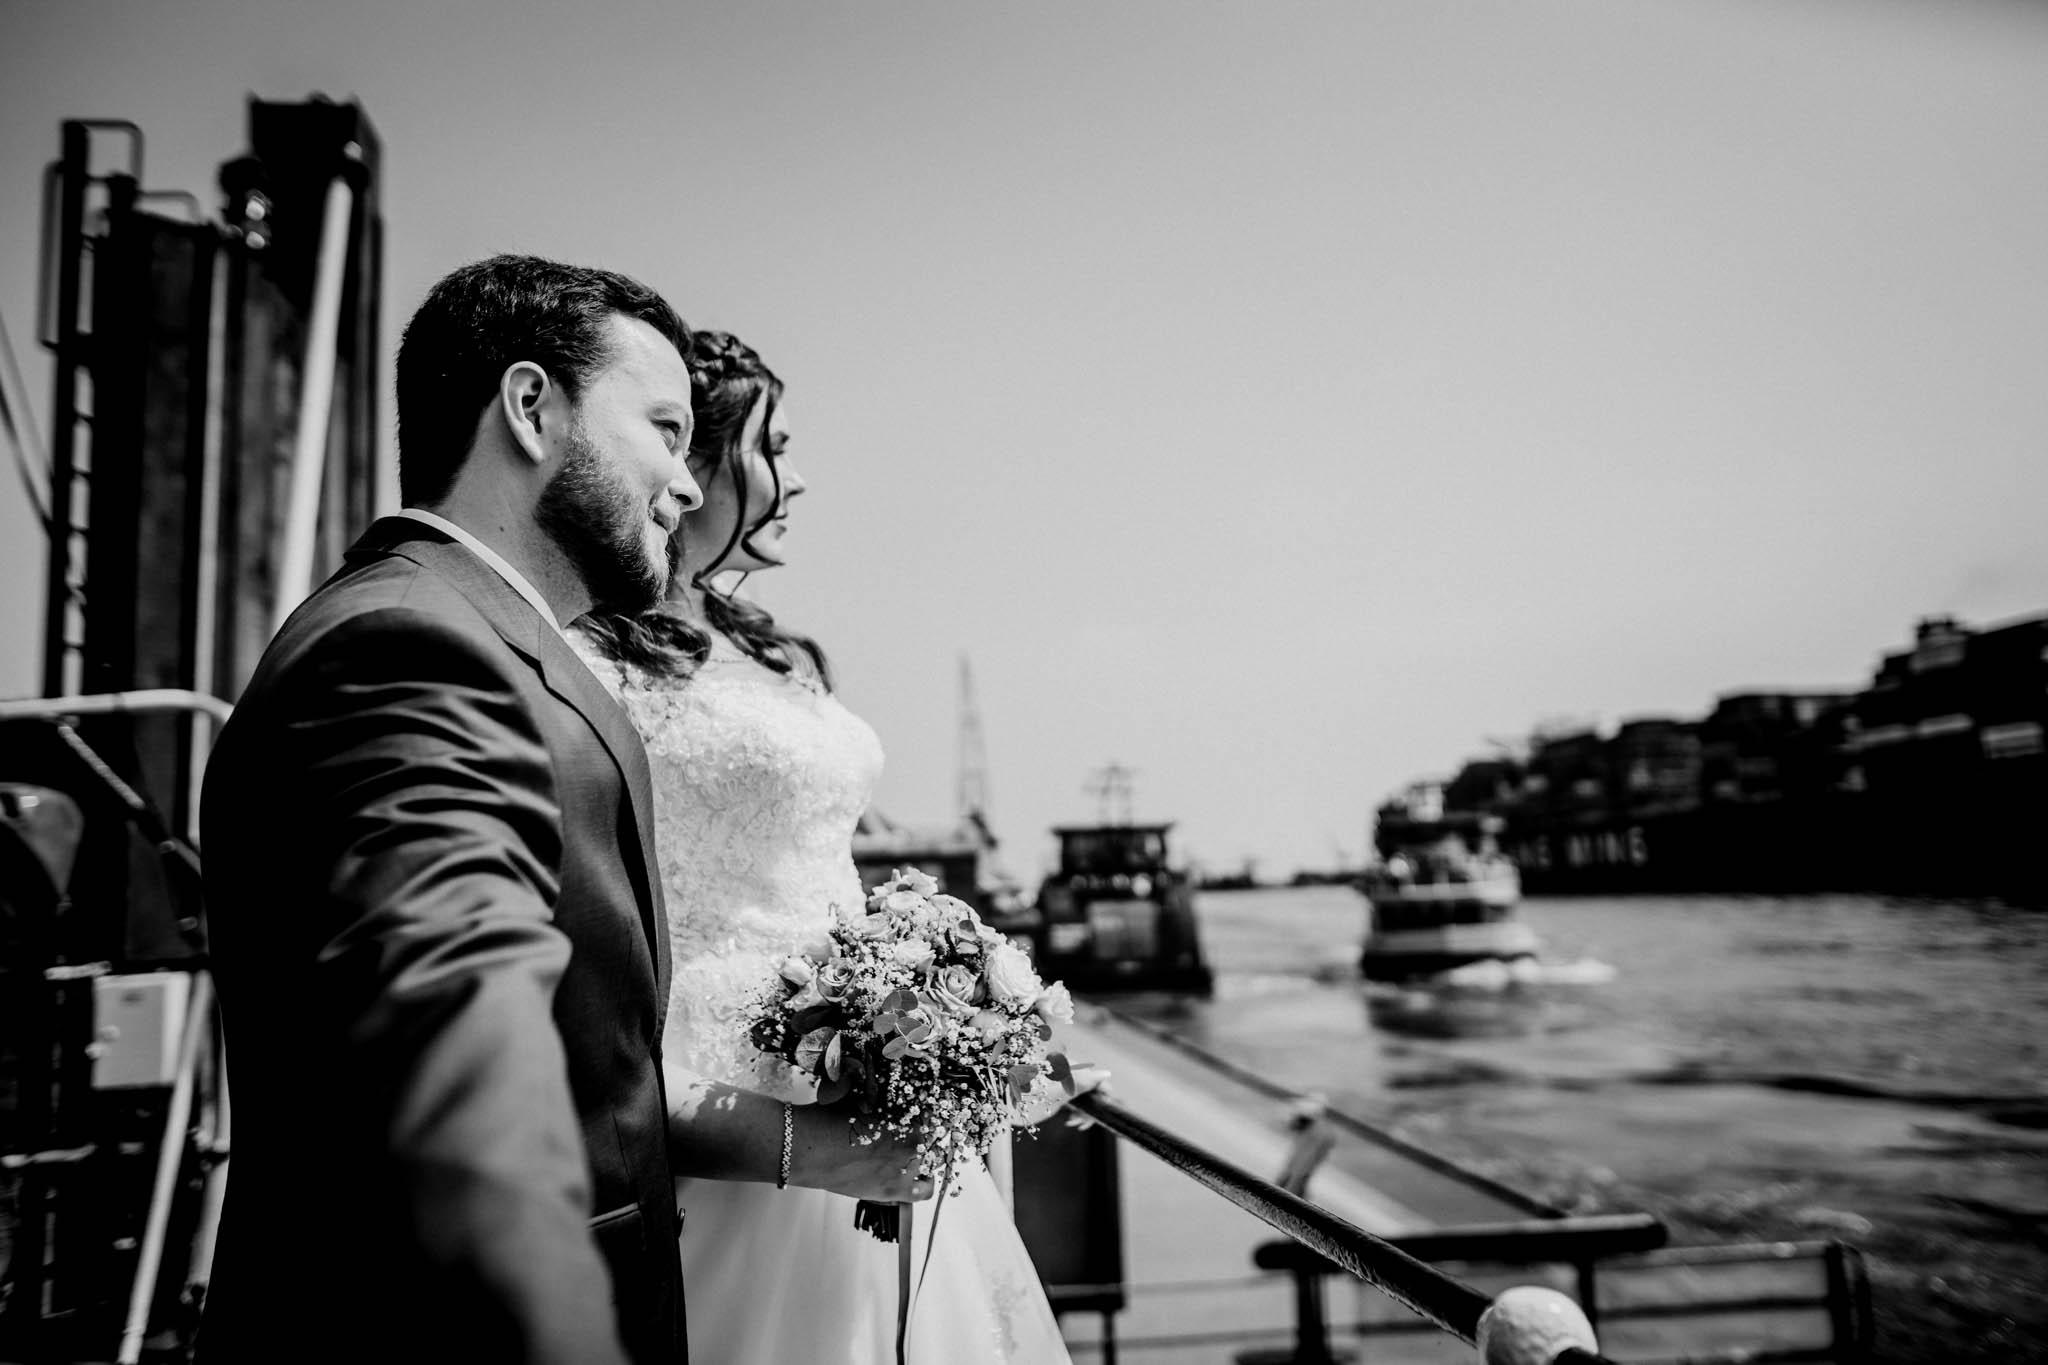 Hochzeitsfieber by Photo-Schomburg, Hochzeitsfotograf, Hamburg, Altona, wedding, Standesamt Altona, Appen, Hochzeitsshooting, Hochzeitstag, Brautpaar-76